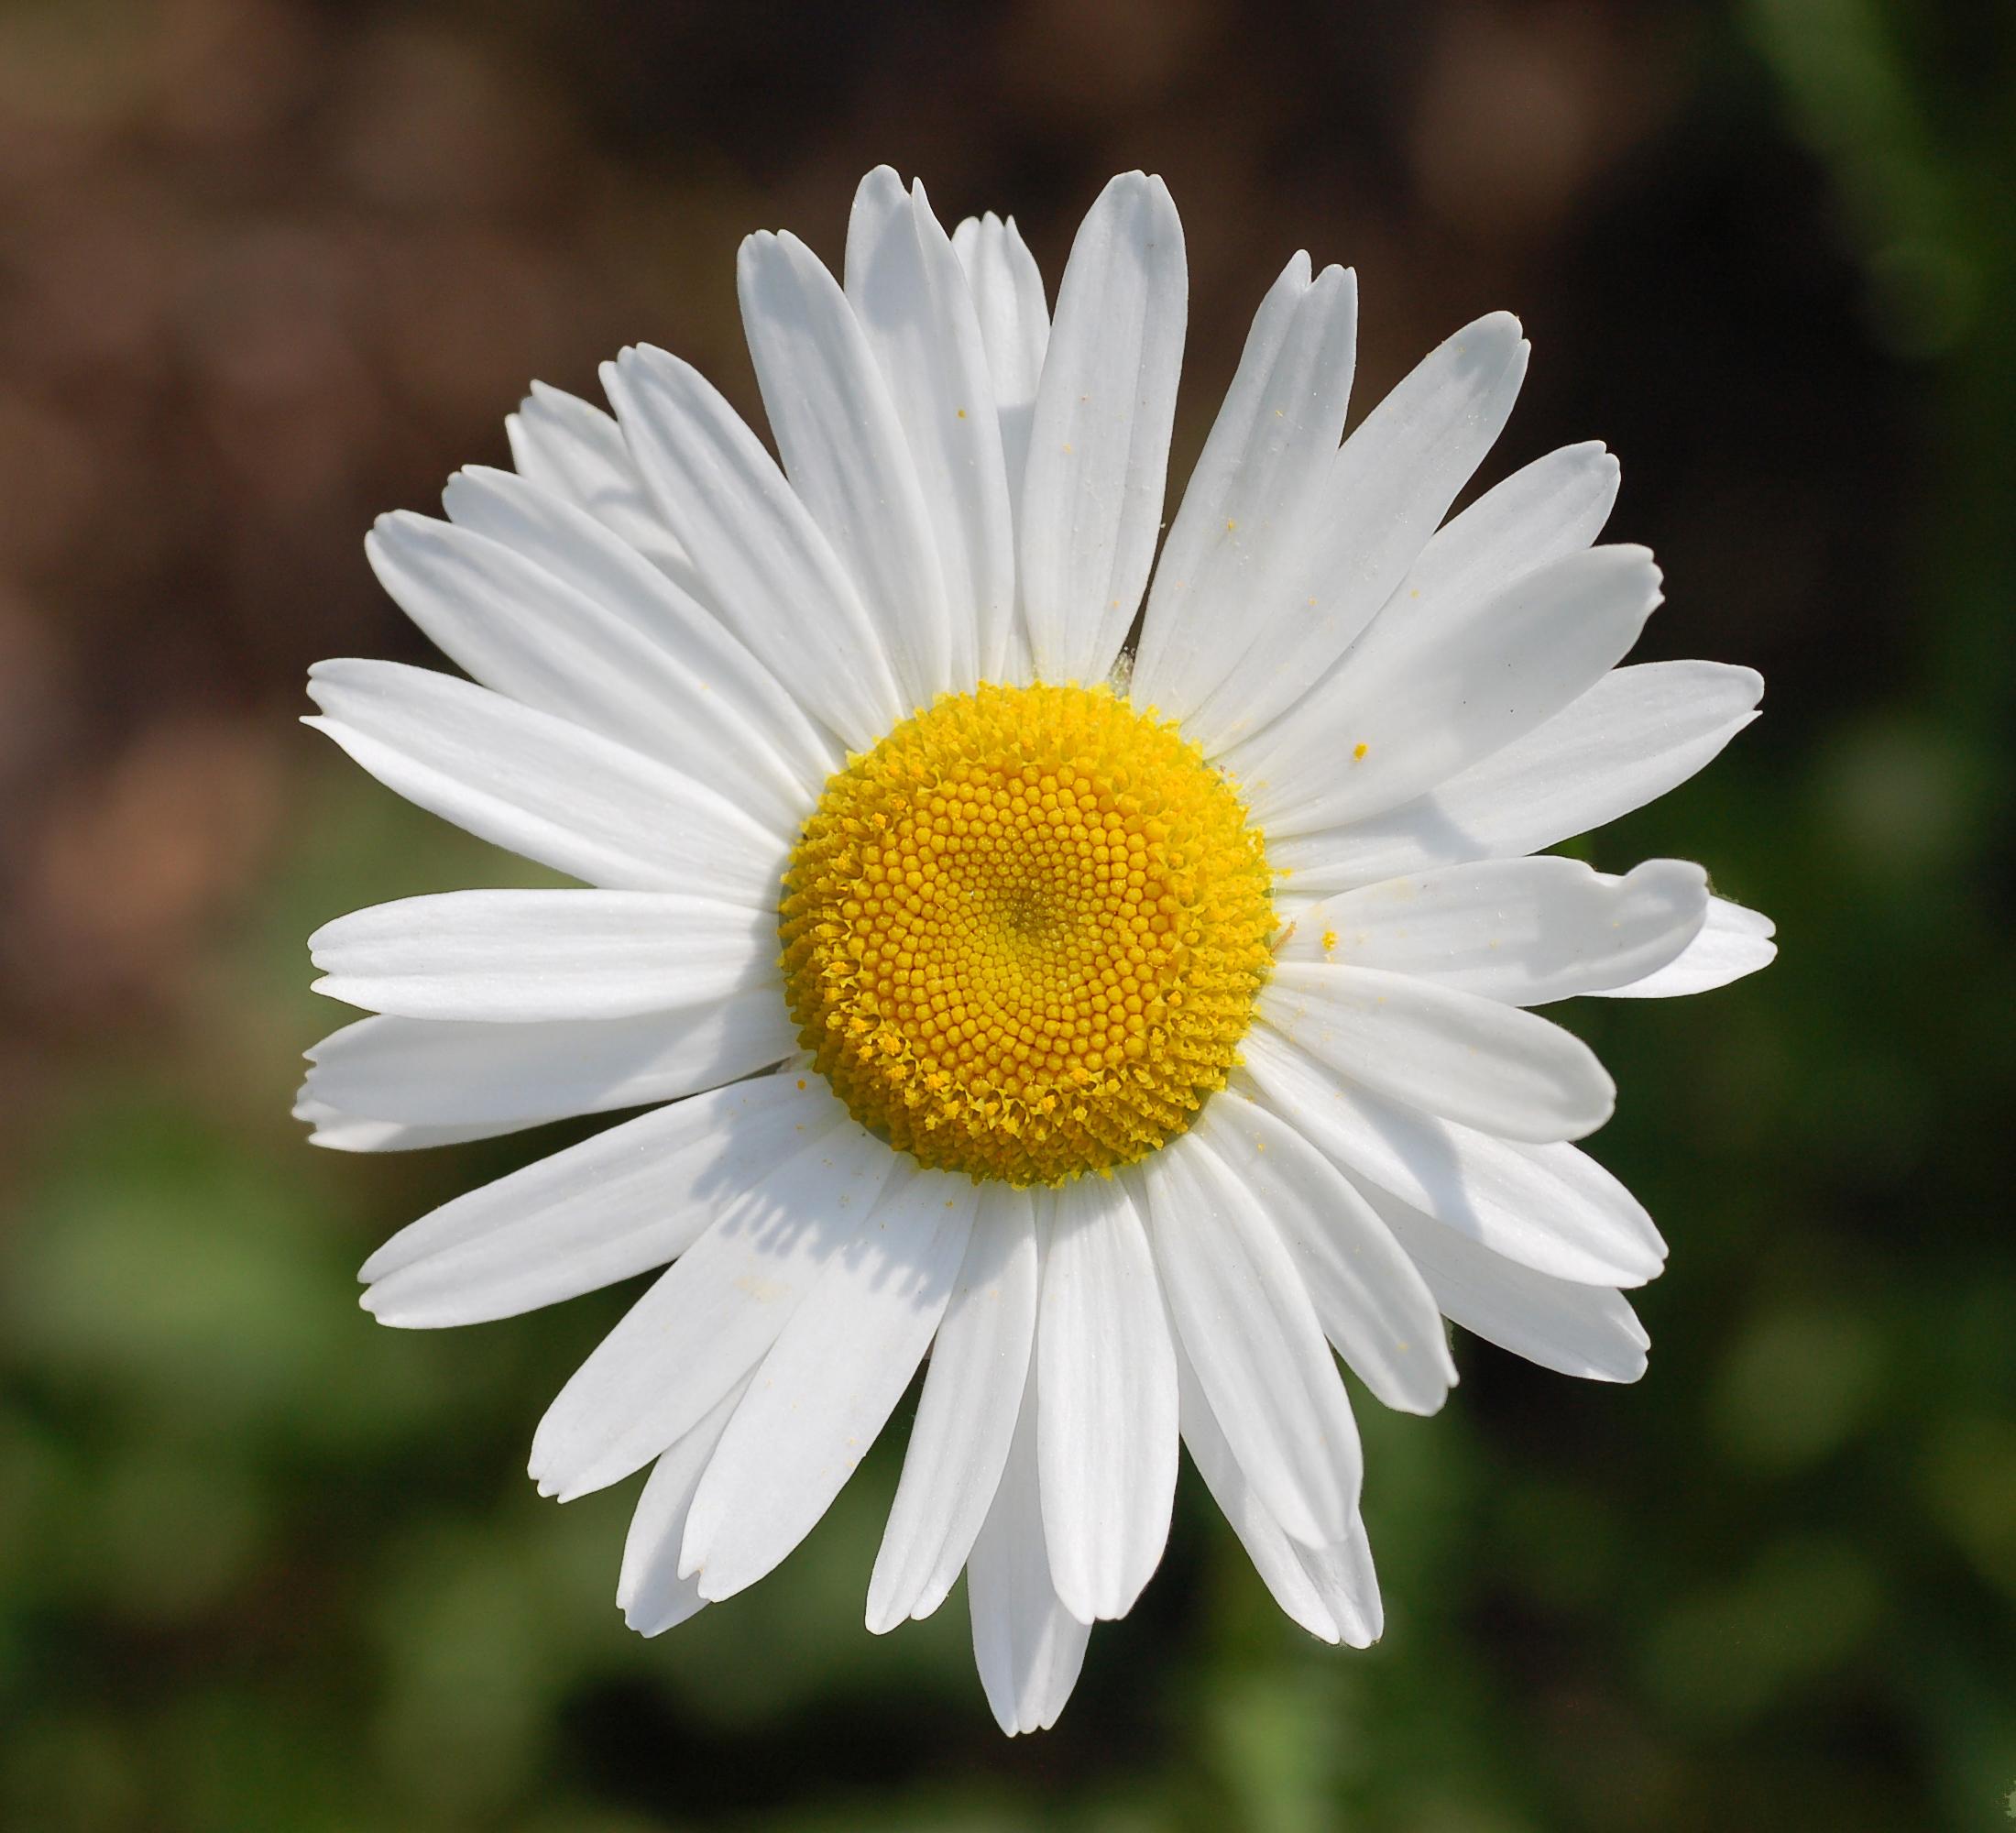 1 flower svg download 1 flower - ClipartFest svg download